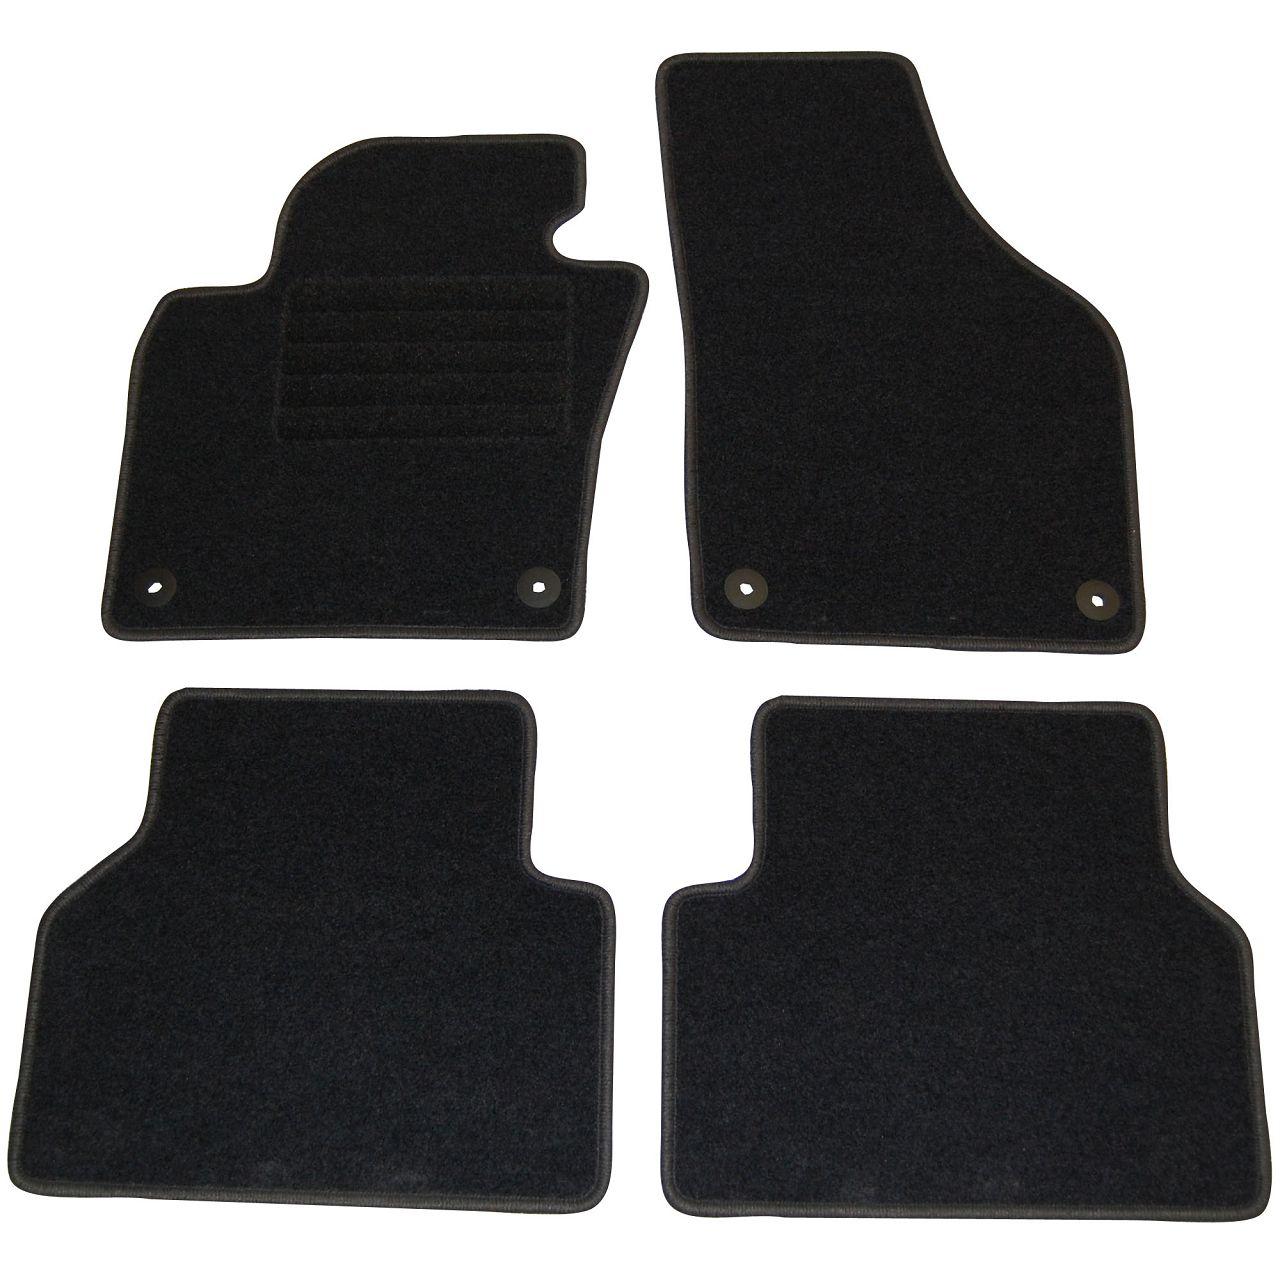 Veloursmatten Textilmatten Fußmatten Automatten Satz für VW Tiguan (5N) 4-tlg